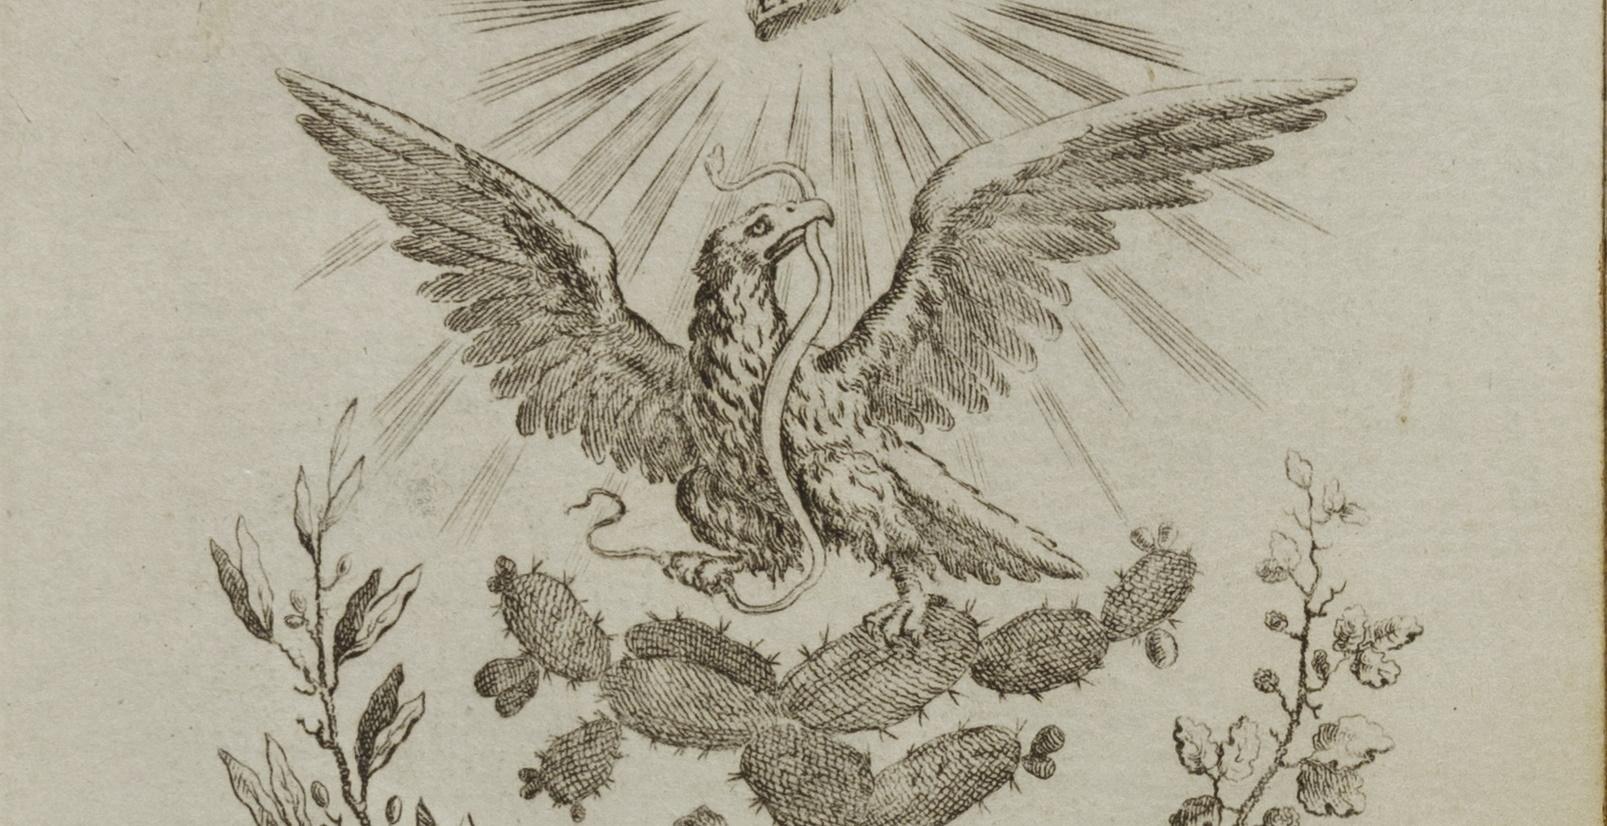 Constitución federal de los Estados Unidos Mexicanos, 1824. Newberry Graff 2767.